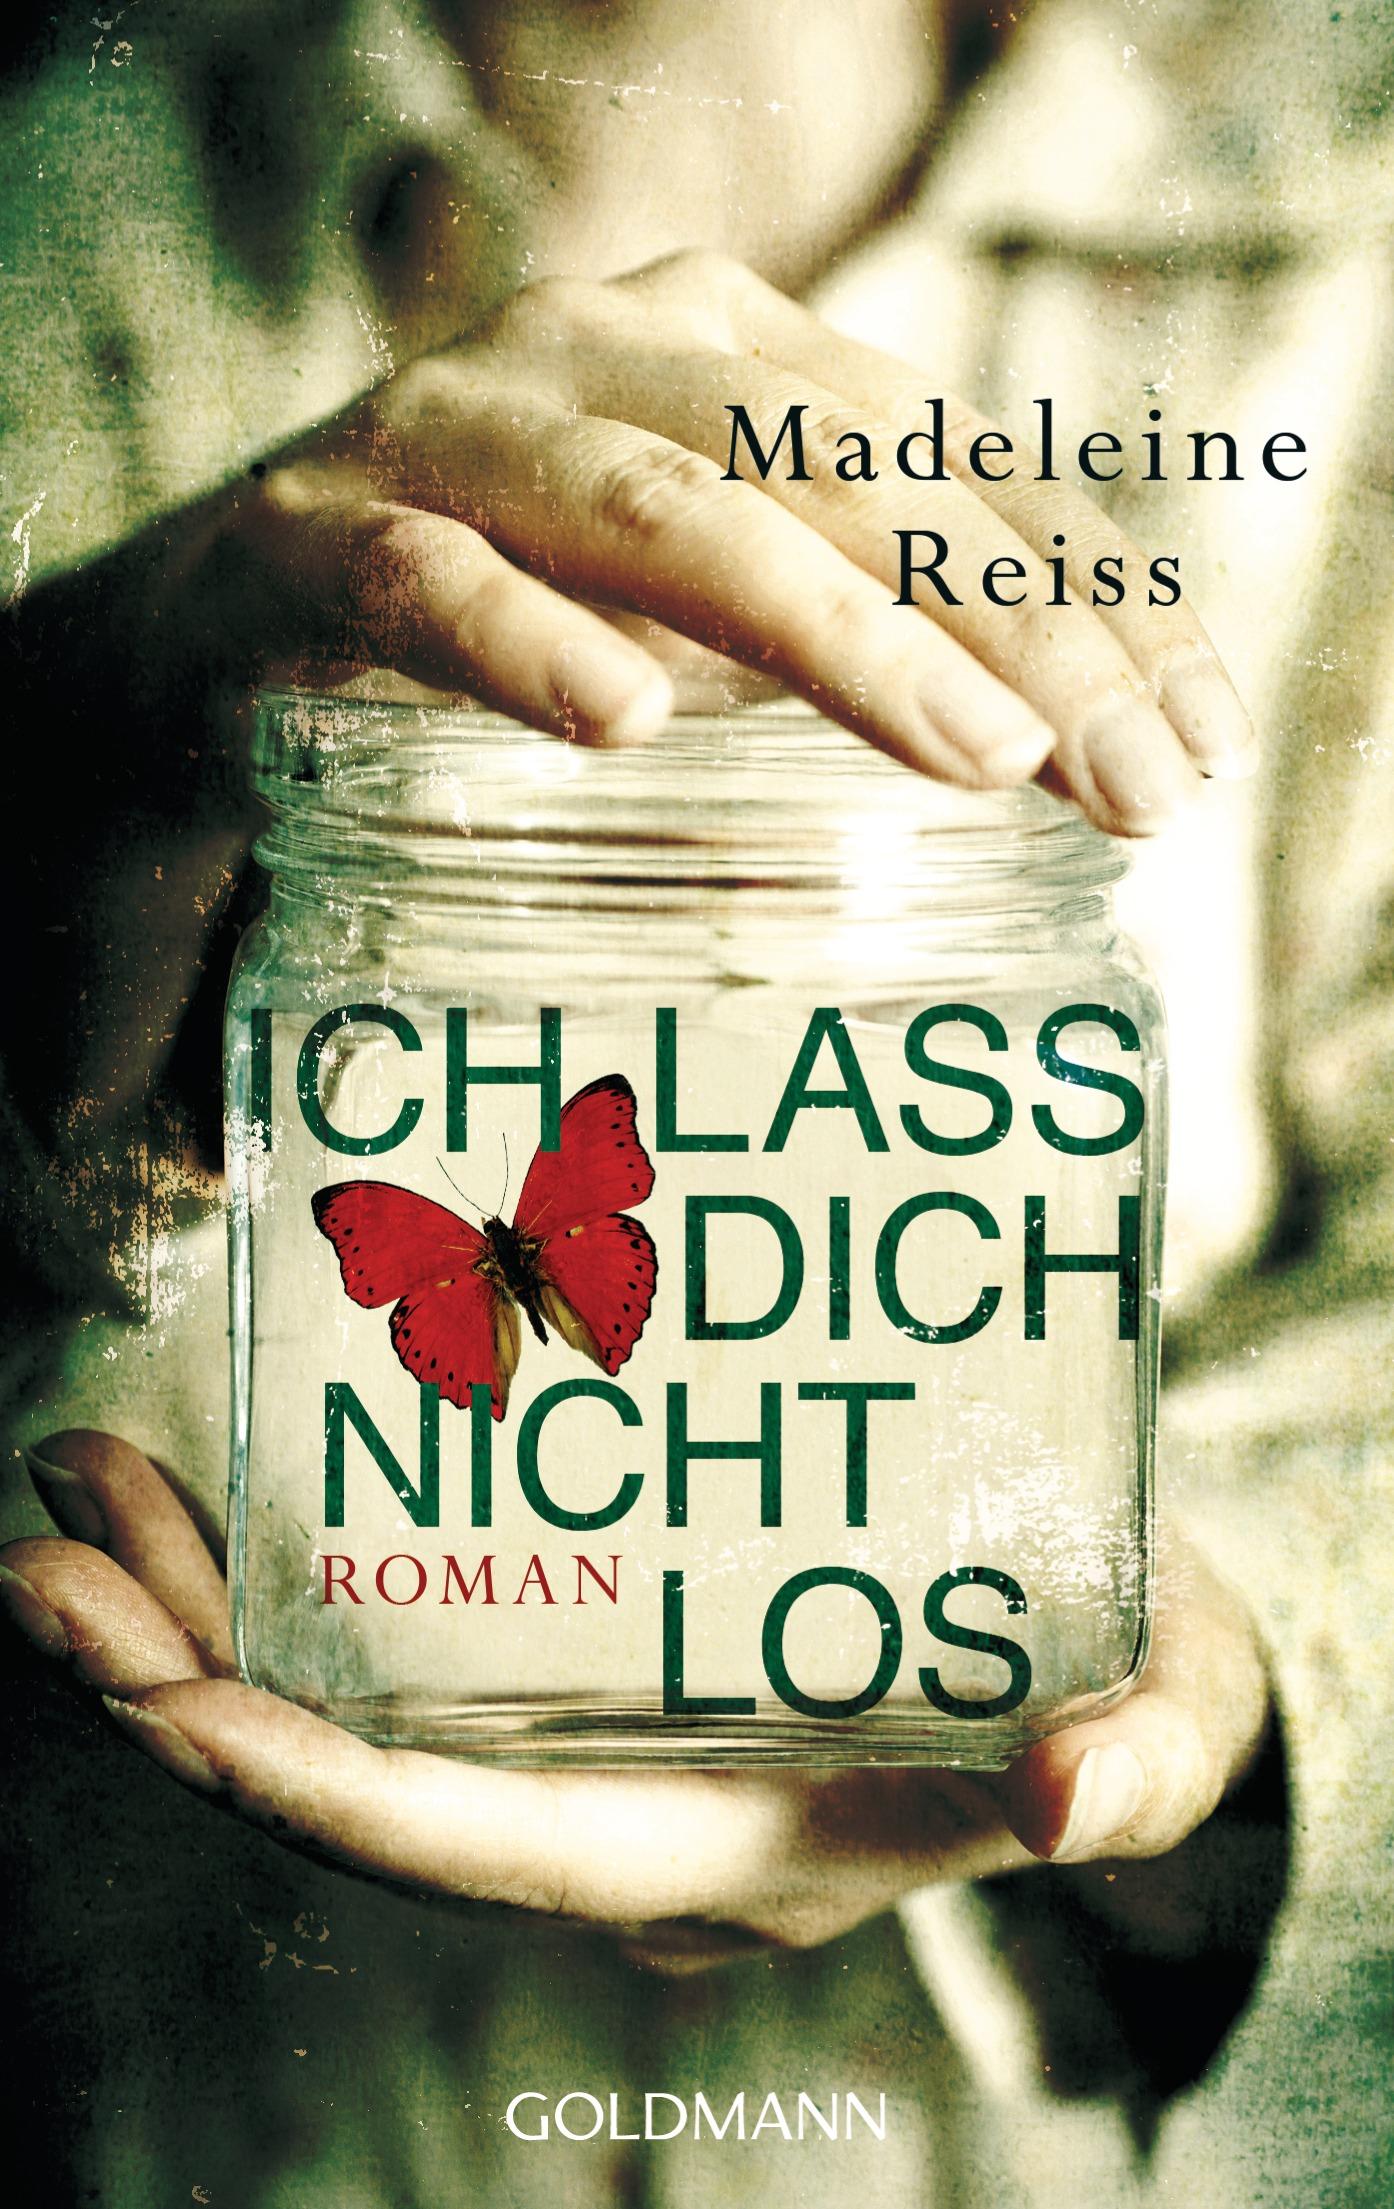 Ich lass dich nicht los - Madeleine Reiss